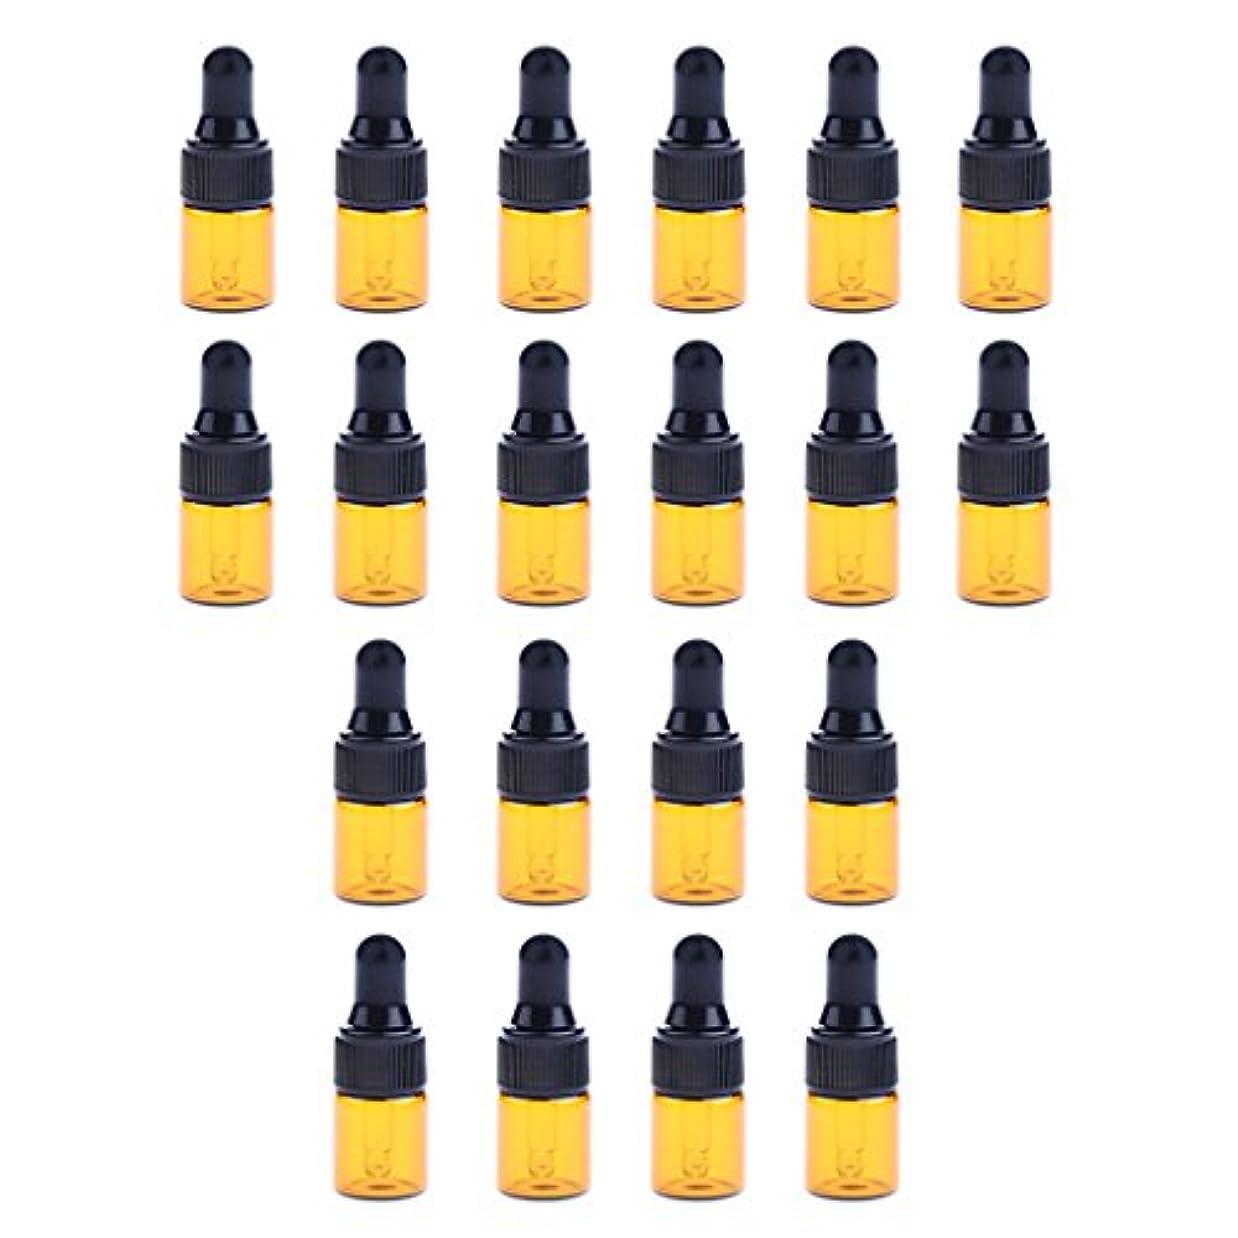 おかしい道徳の終了しましたdailymall 全3サイズ スポイトボトル ガラスボトル 詰替え 香水 オイル 化粧品 コスメ用 遮光ビン 約20個 - 1ML